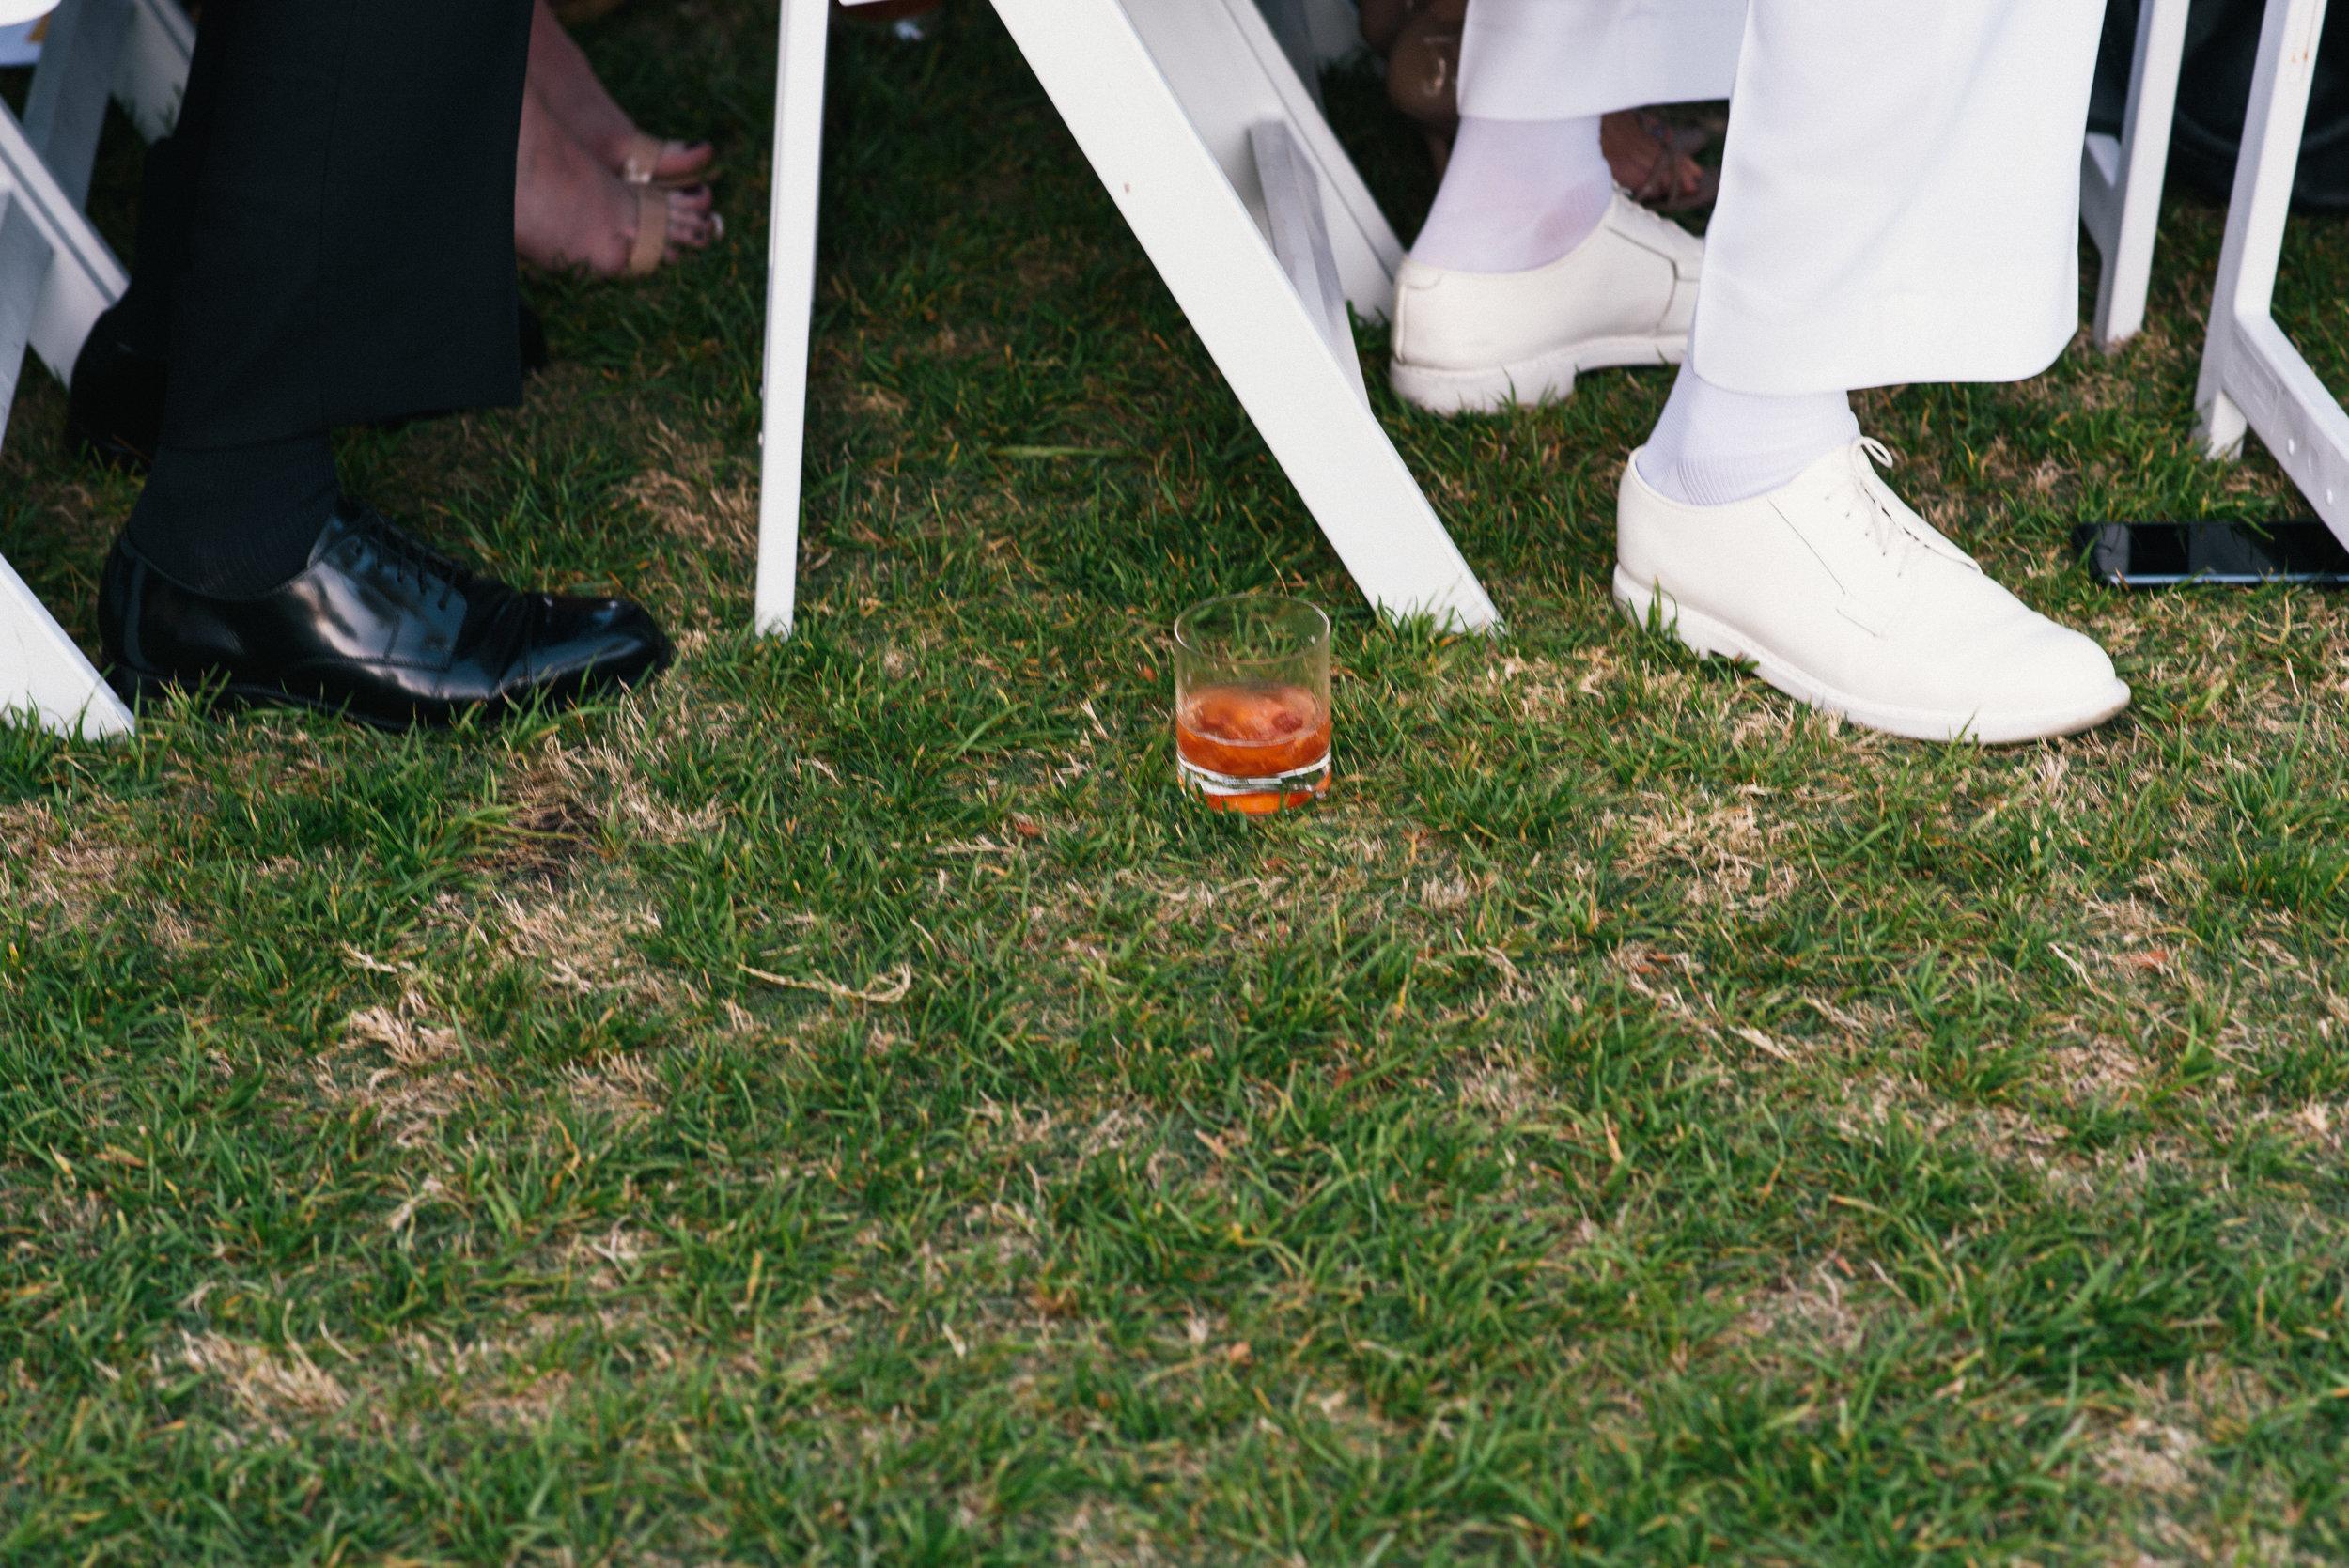 st-simons-island-elopement-photographer-savannah-elopement-photography-savannah-georgia-elopement-photographer-savannah-wedding-photographer-meg-hill-photo-jade-hill- (34 of 72).jpg